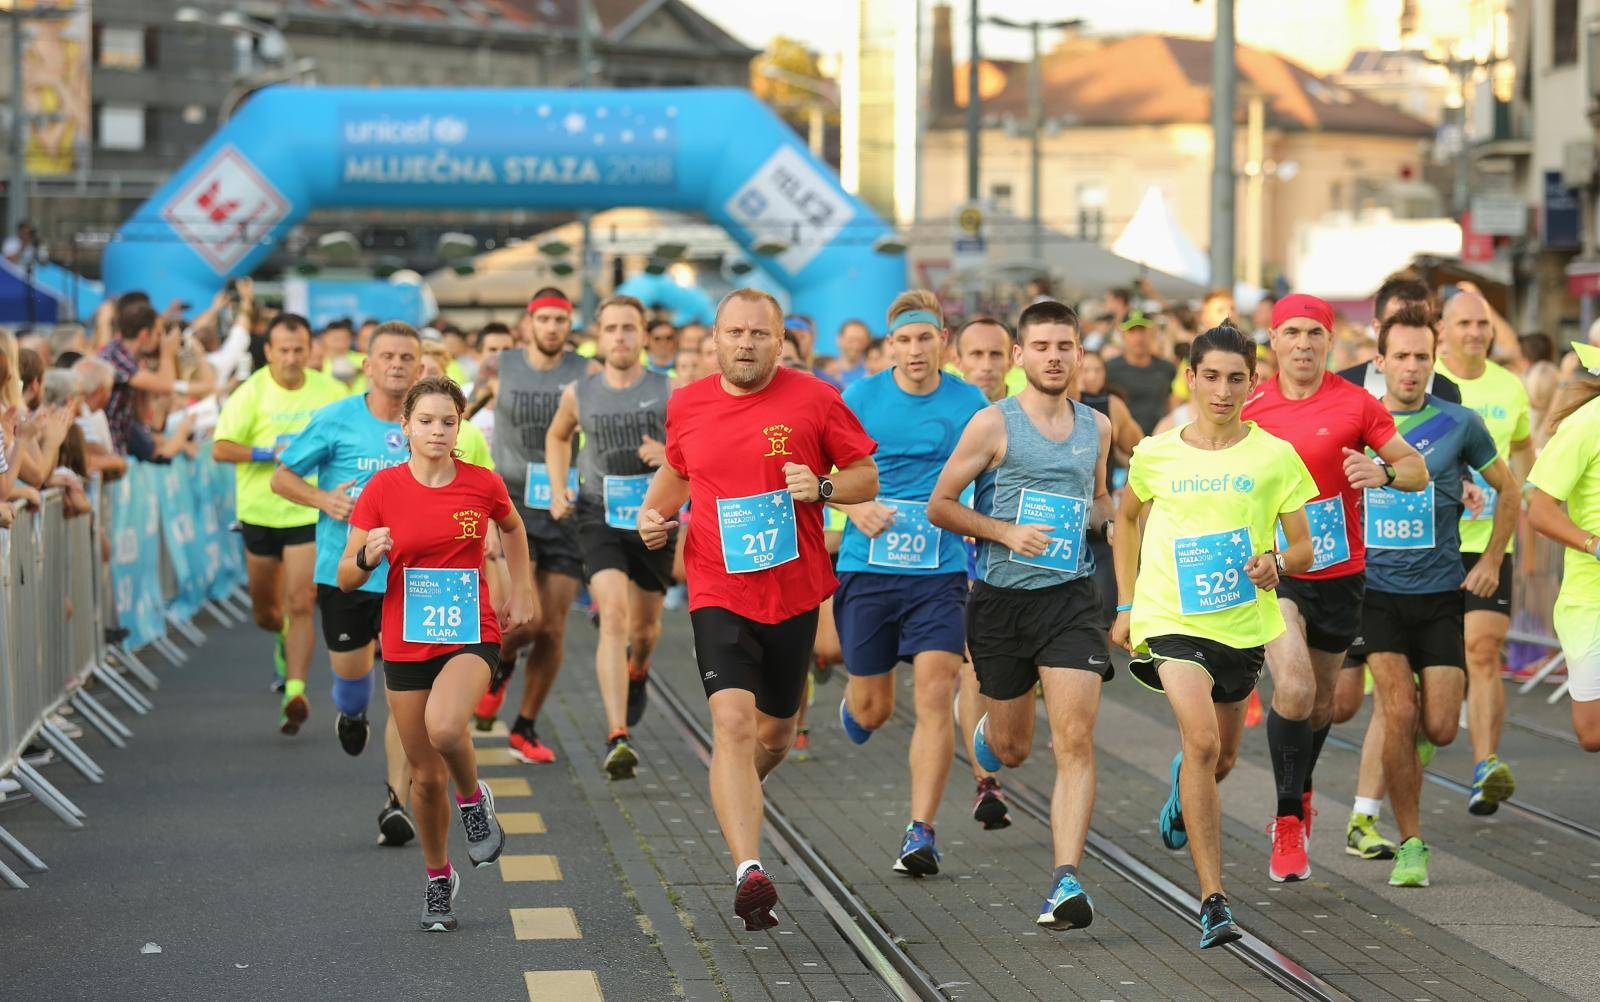 Zagreb: UNICEF-ova humanitarna utrka Mliječna staza 2018. za odrasle sudionike